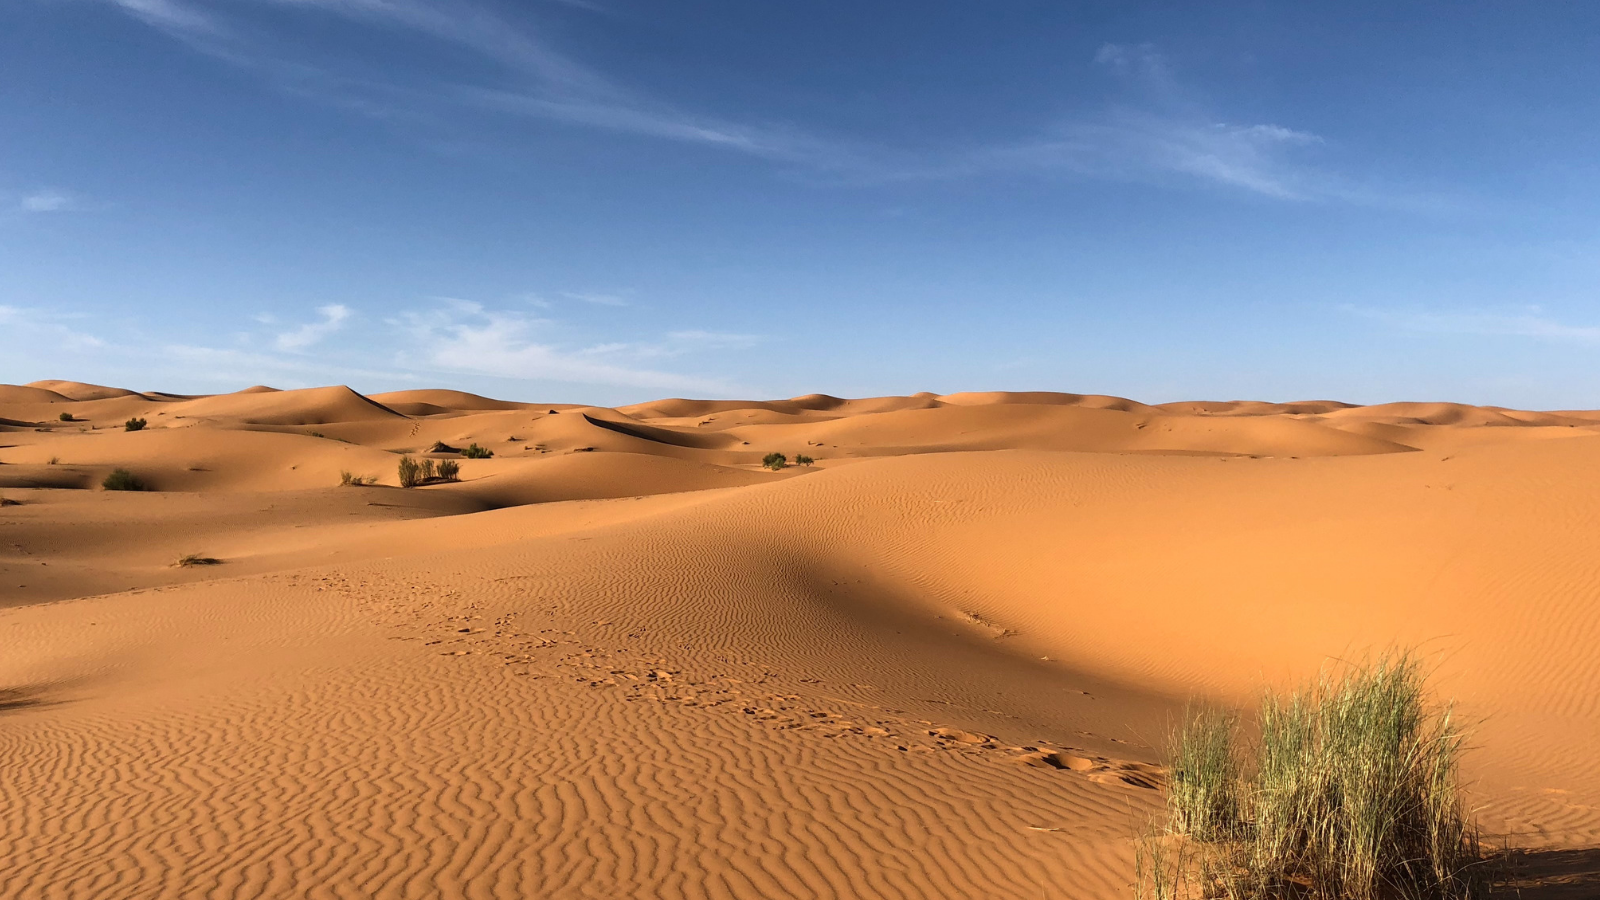 Trump Wants Spain to Build a Wall Across the Sahara Desert